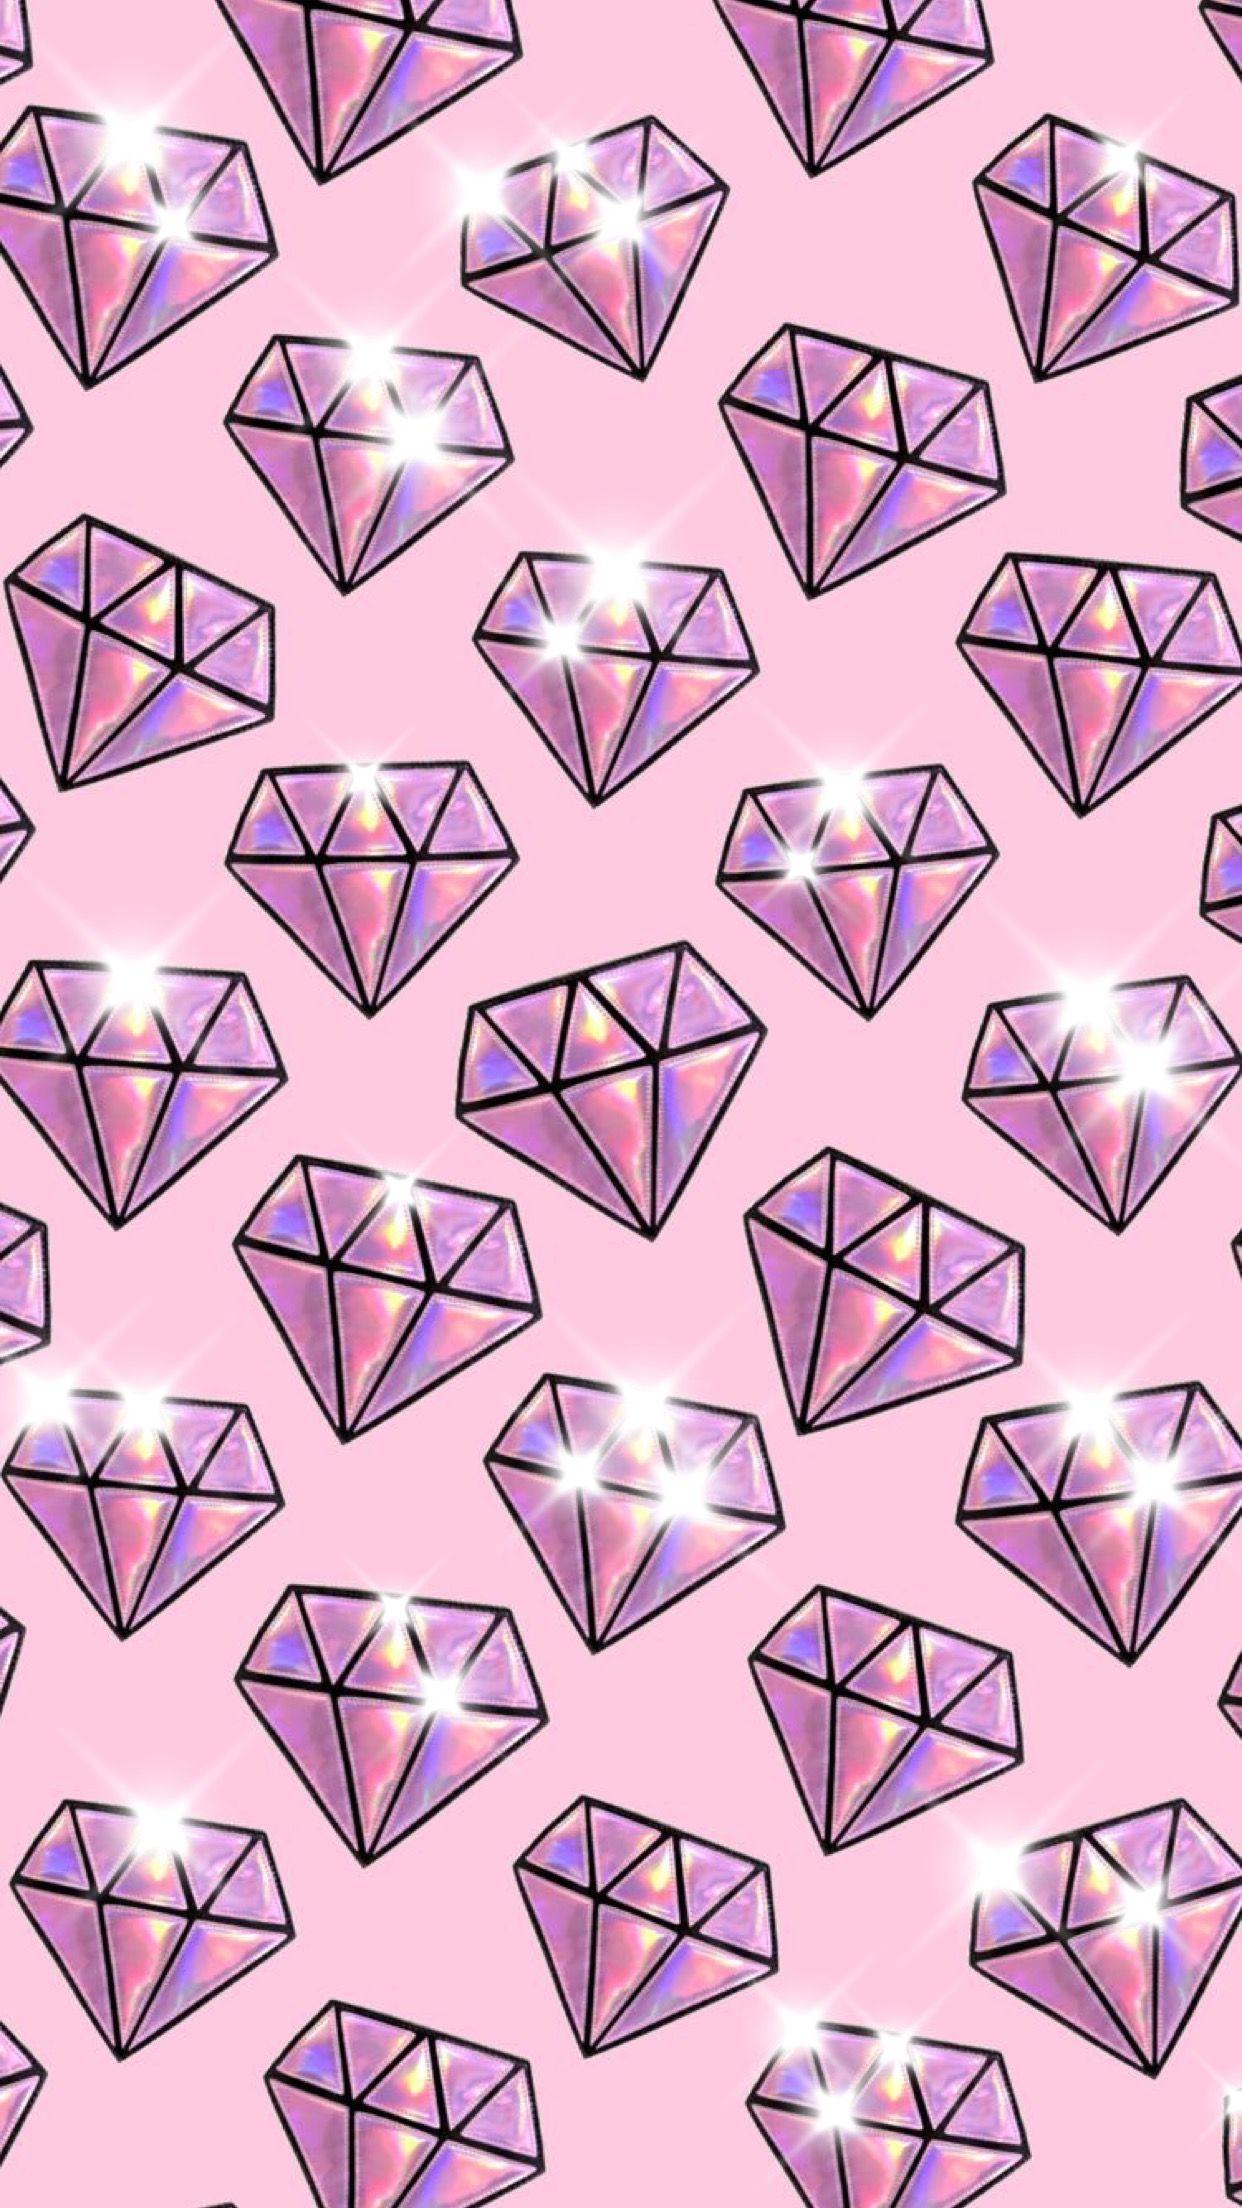 Shine On You Crazy Diamond Fondos De Pantalla De Iphone